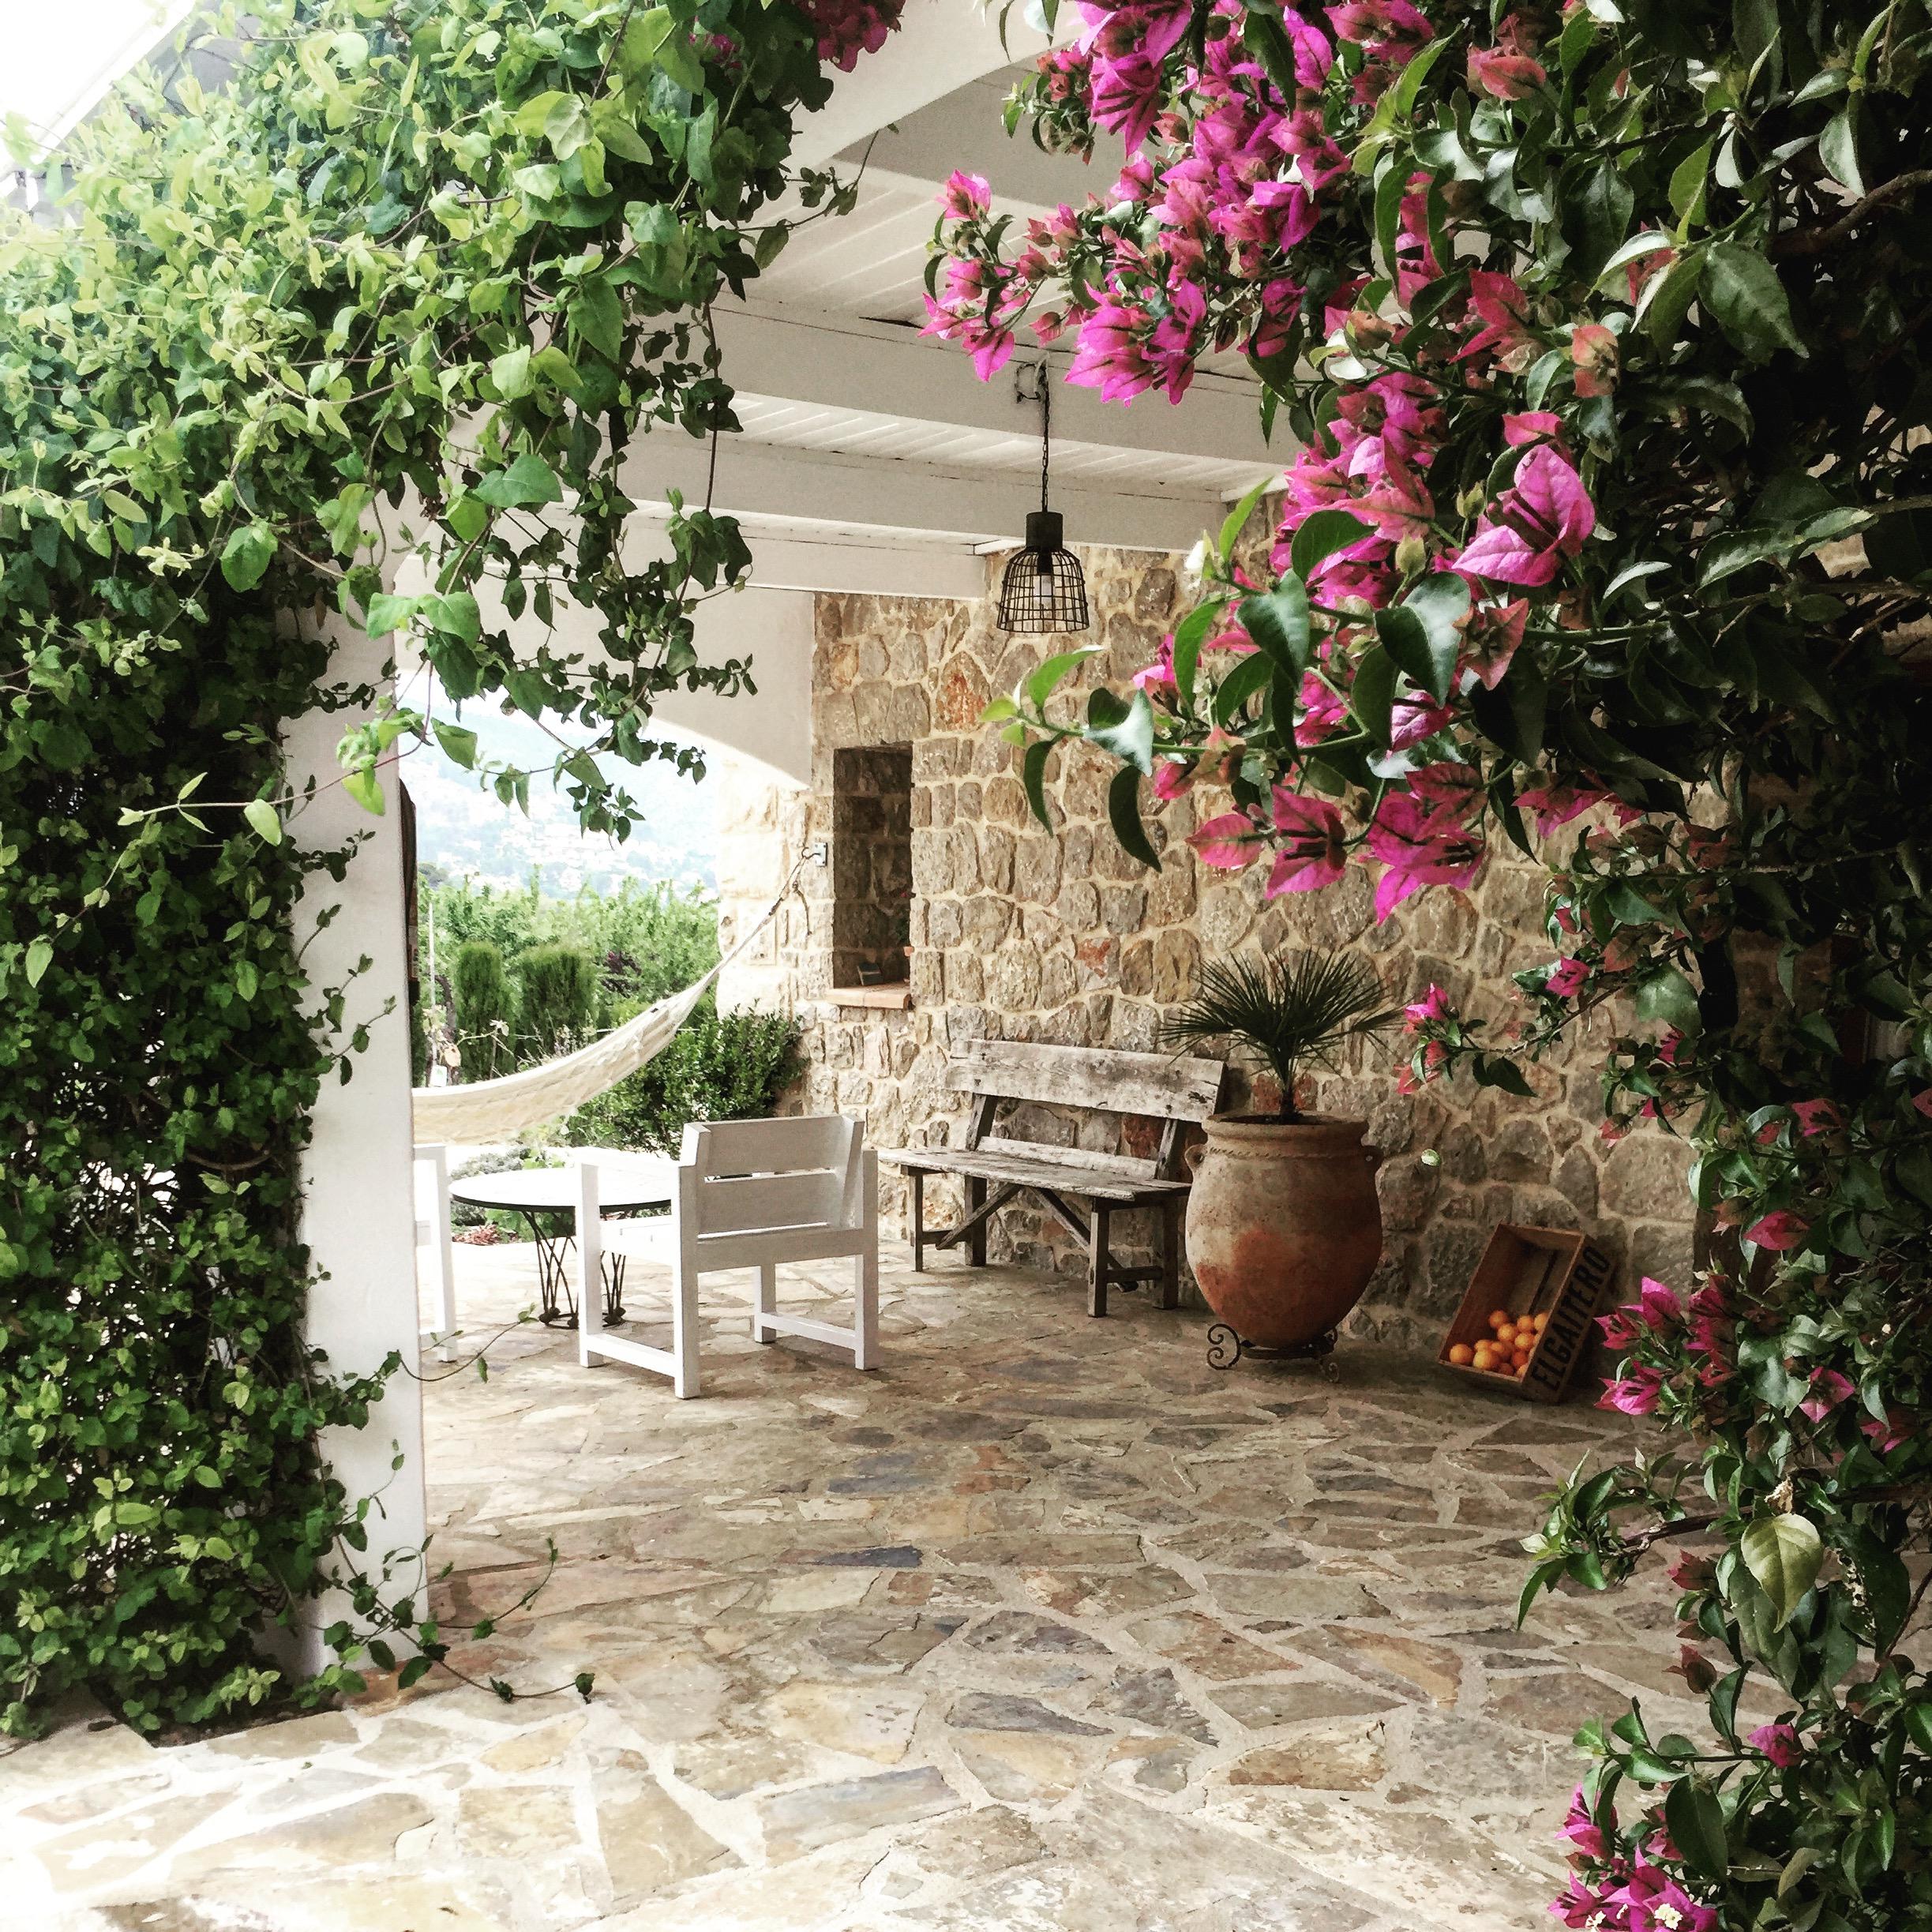 Courtyard Detail at Cuatre Finques  http://www.cuatrefinques.com